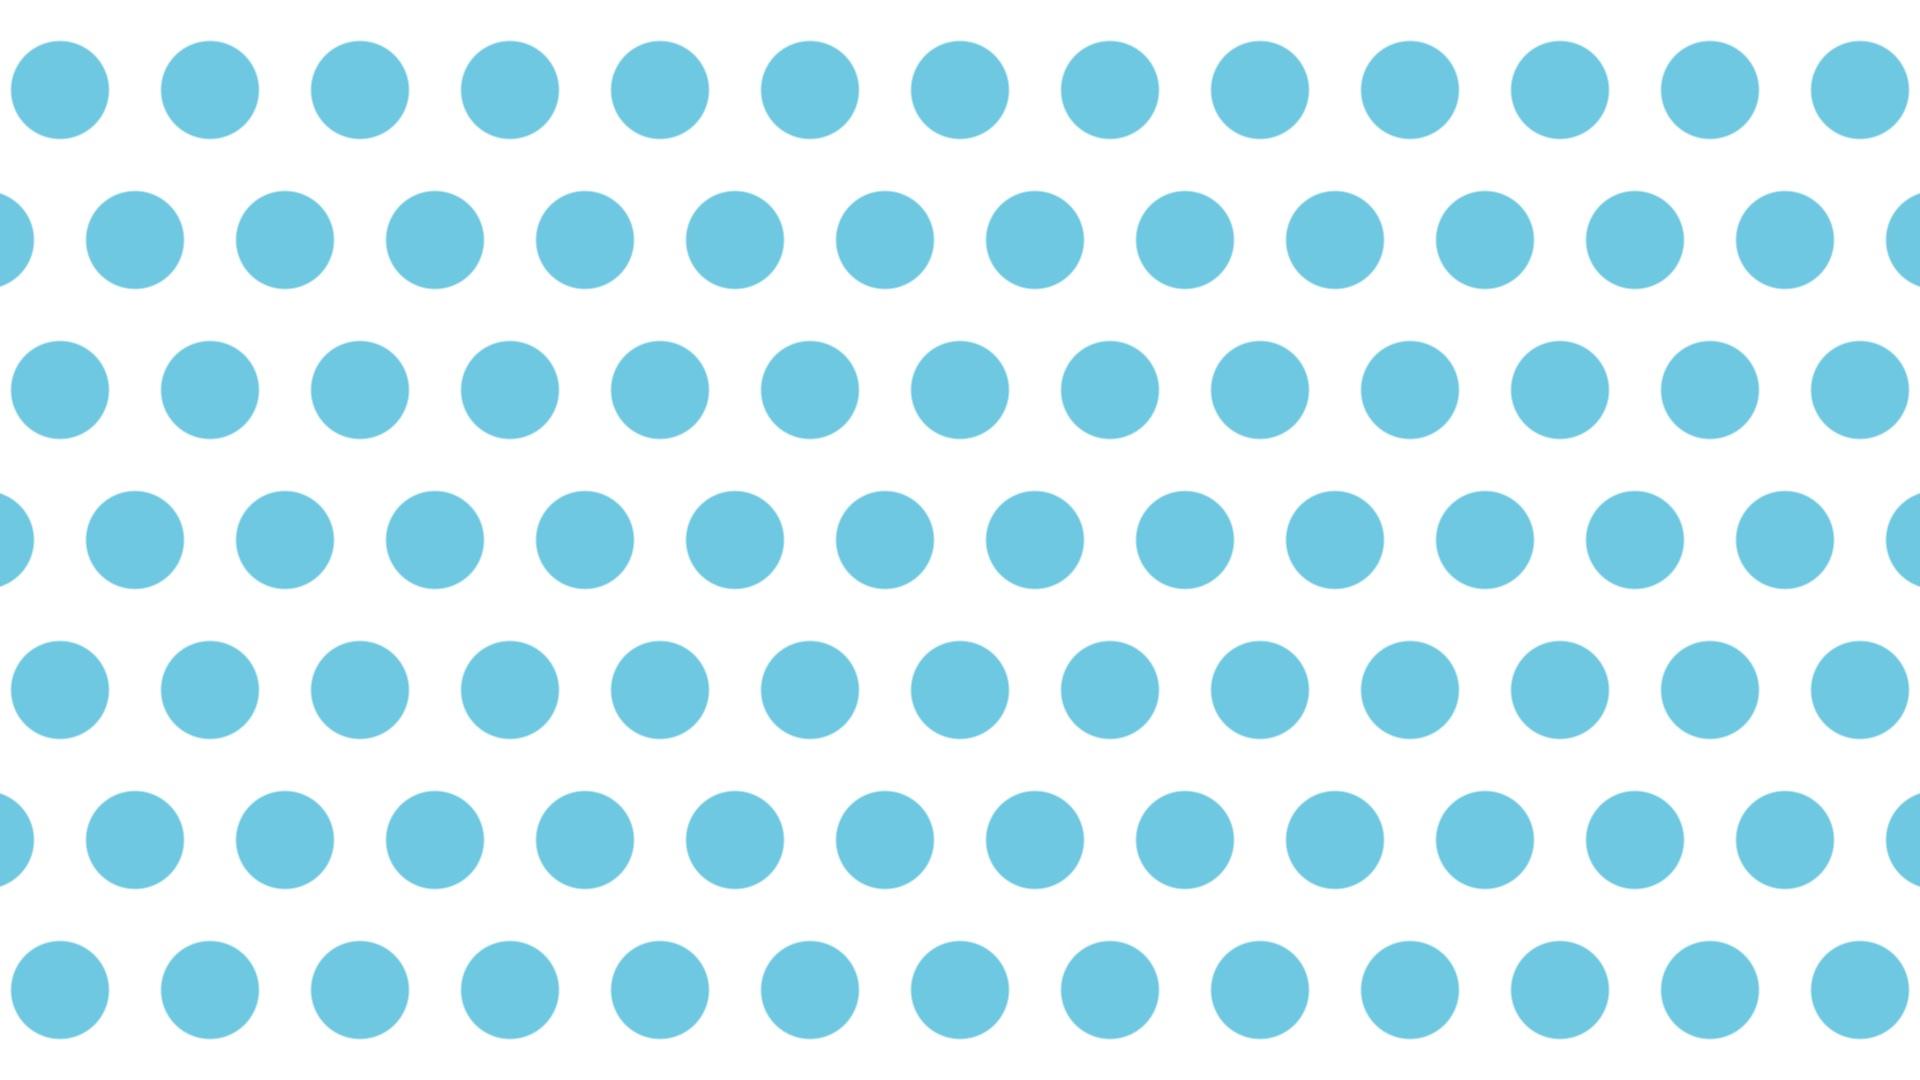 大きい青いドット背景。1920×1080